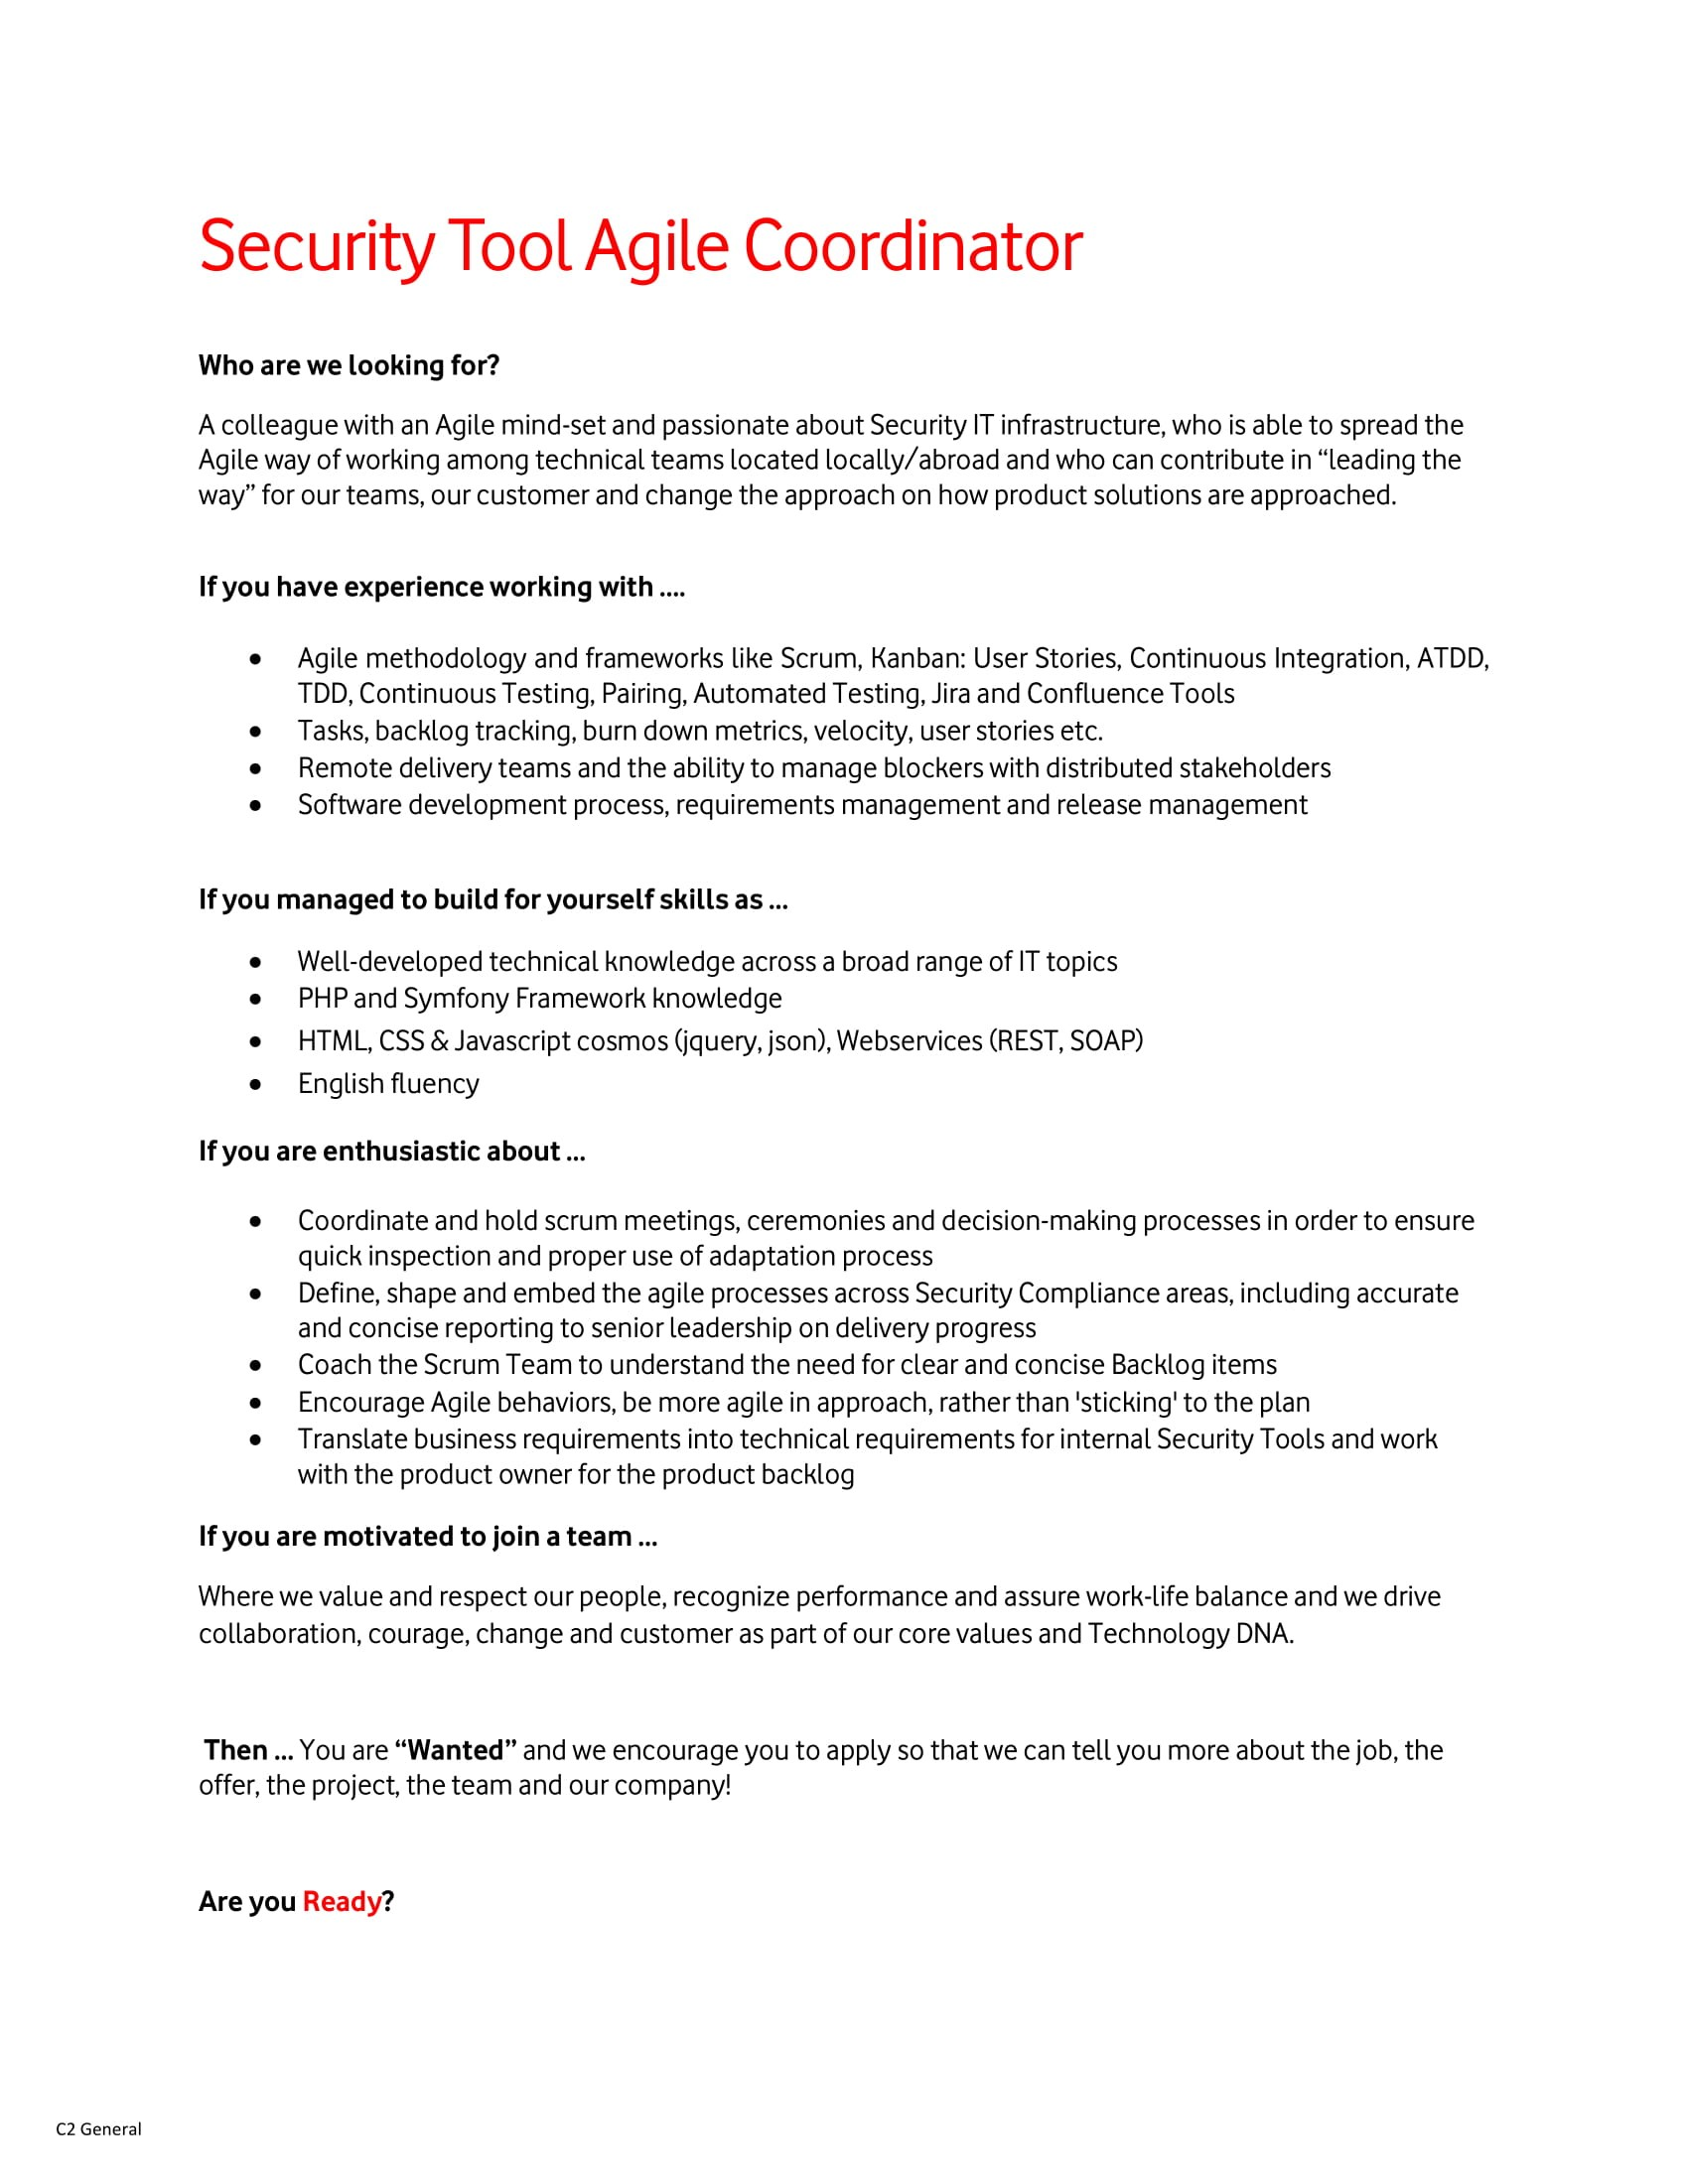 Security Tool Agile Coordinator-1